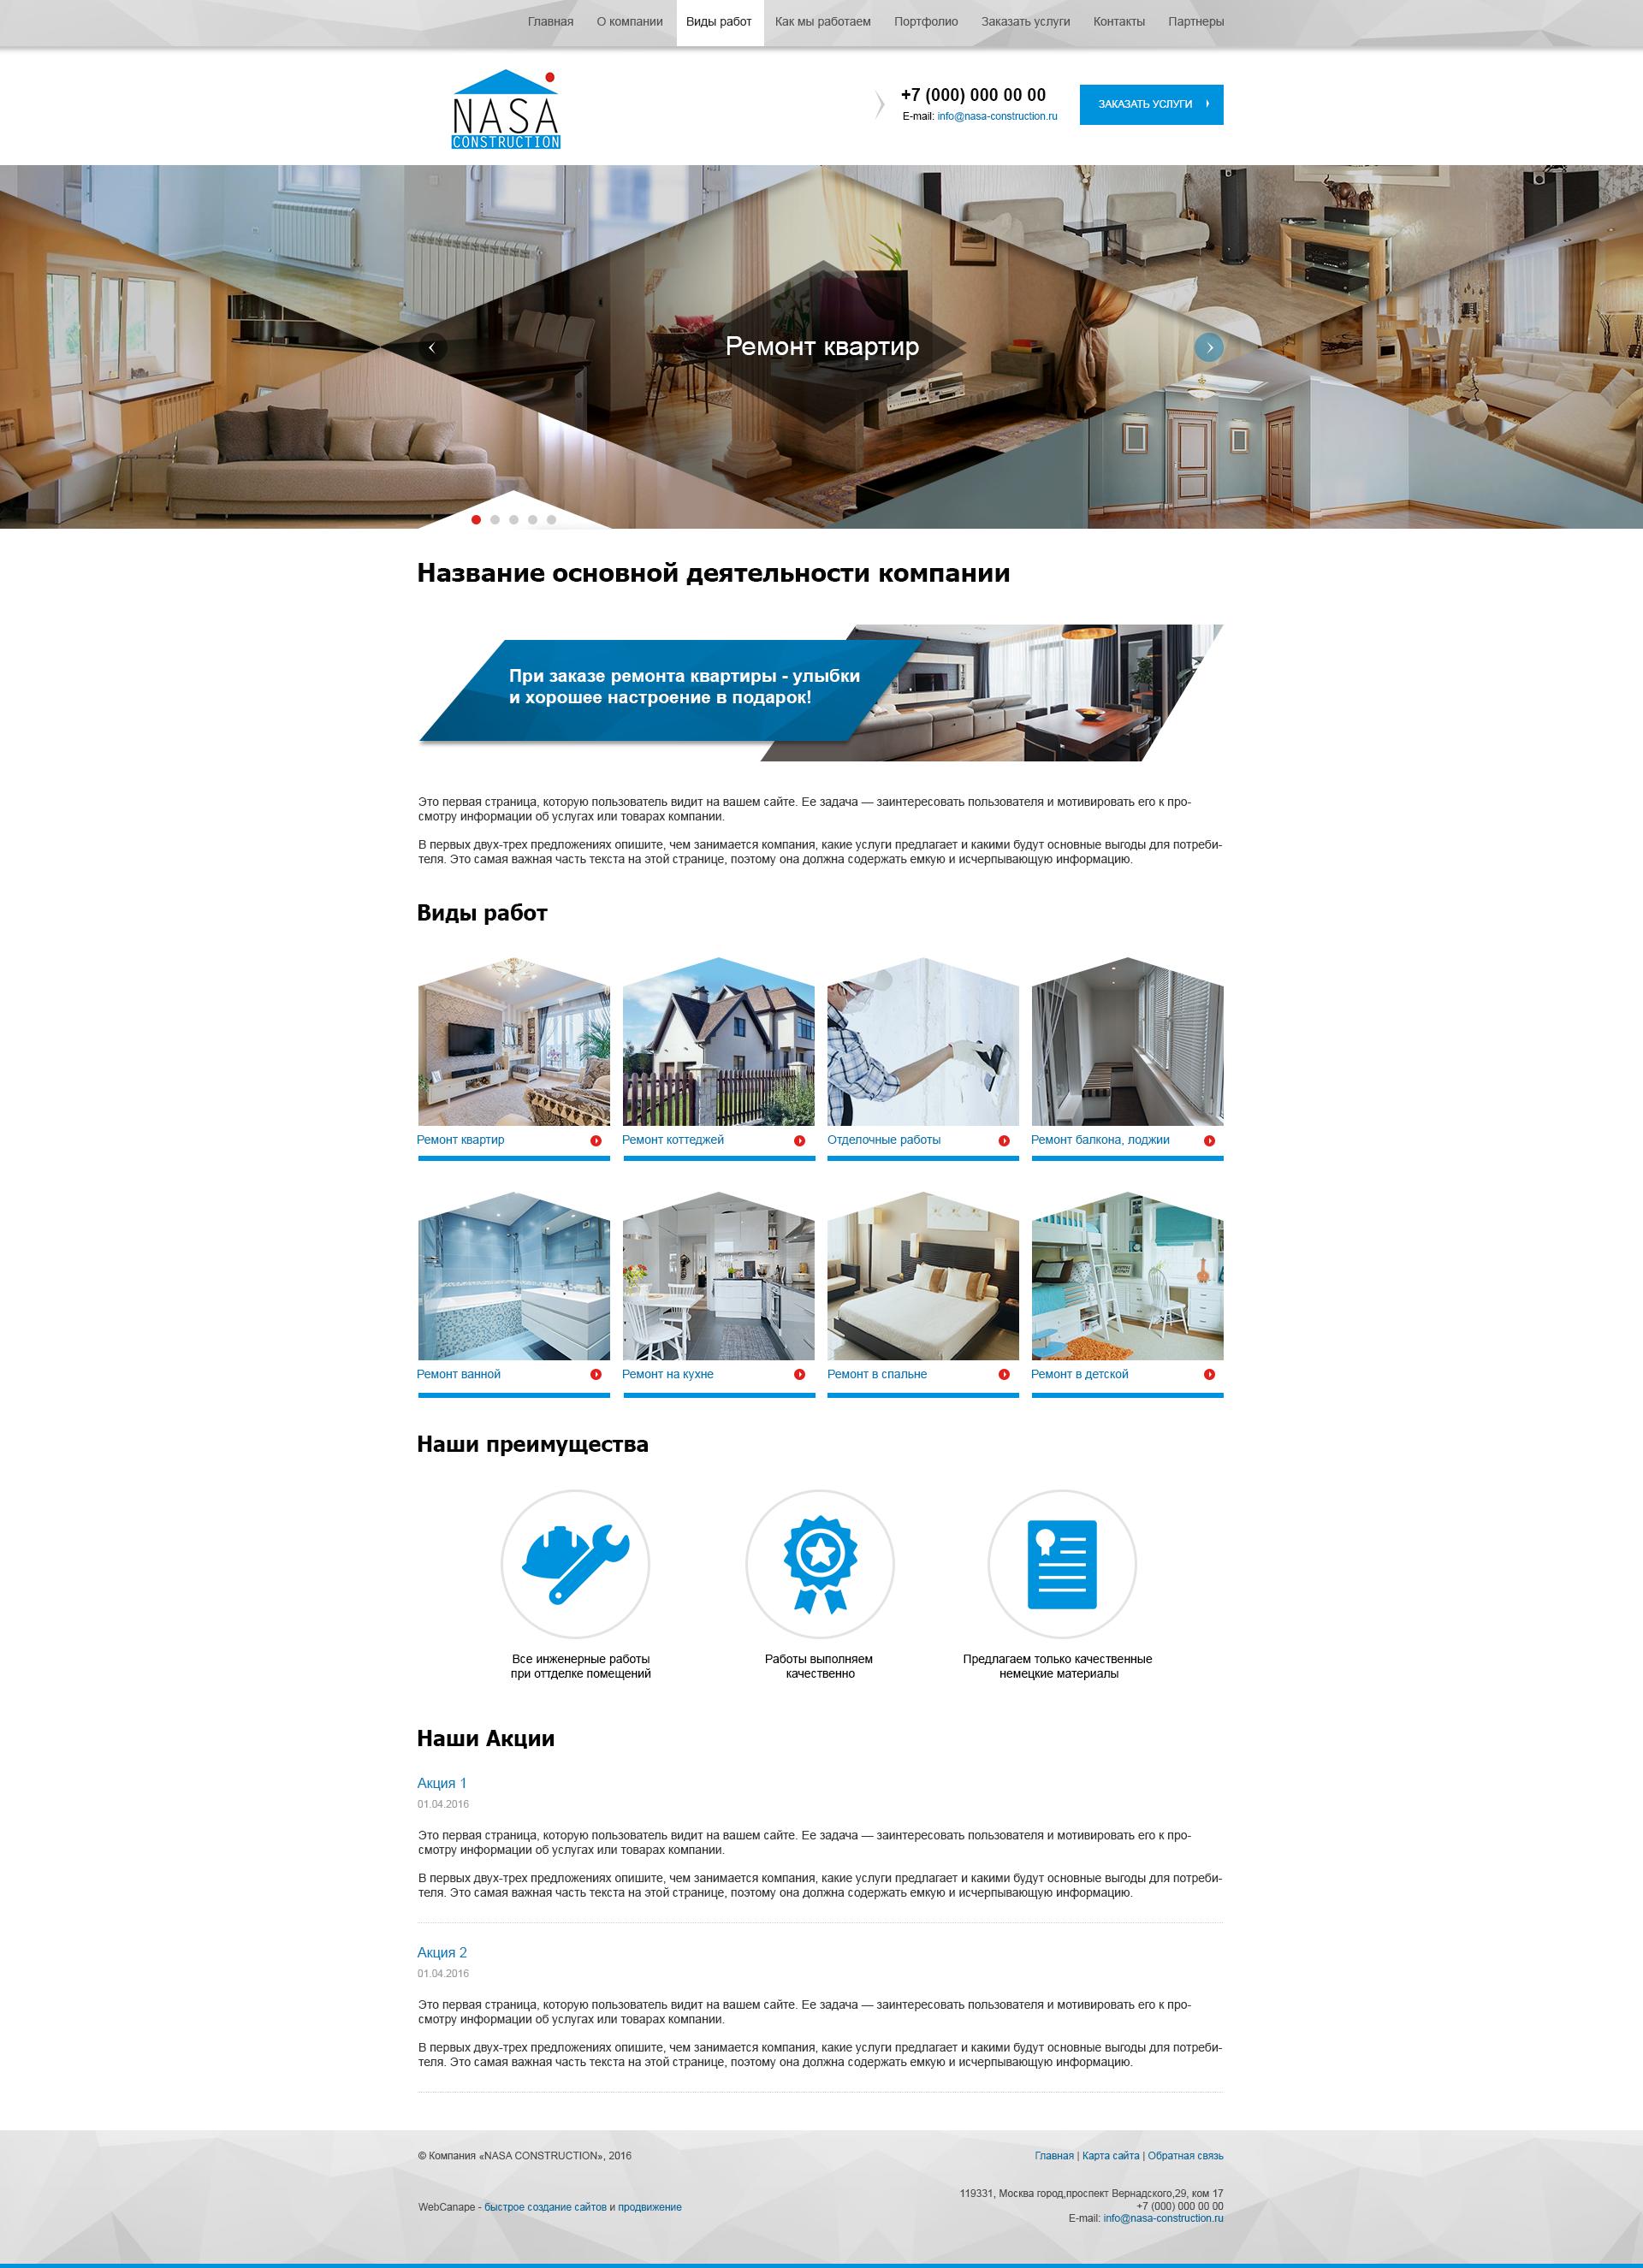 Разработка сайта по профессиональной отделке помещений и инженерным работам